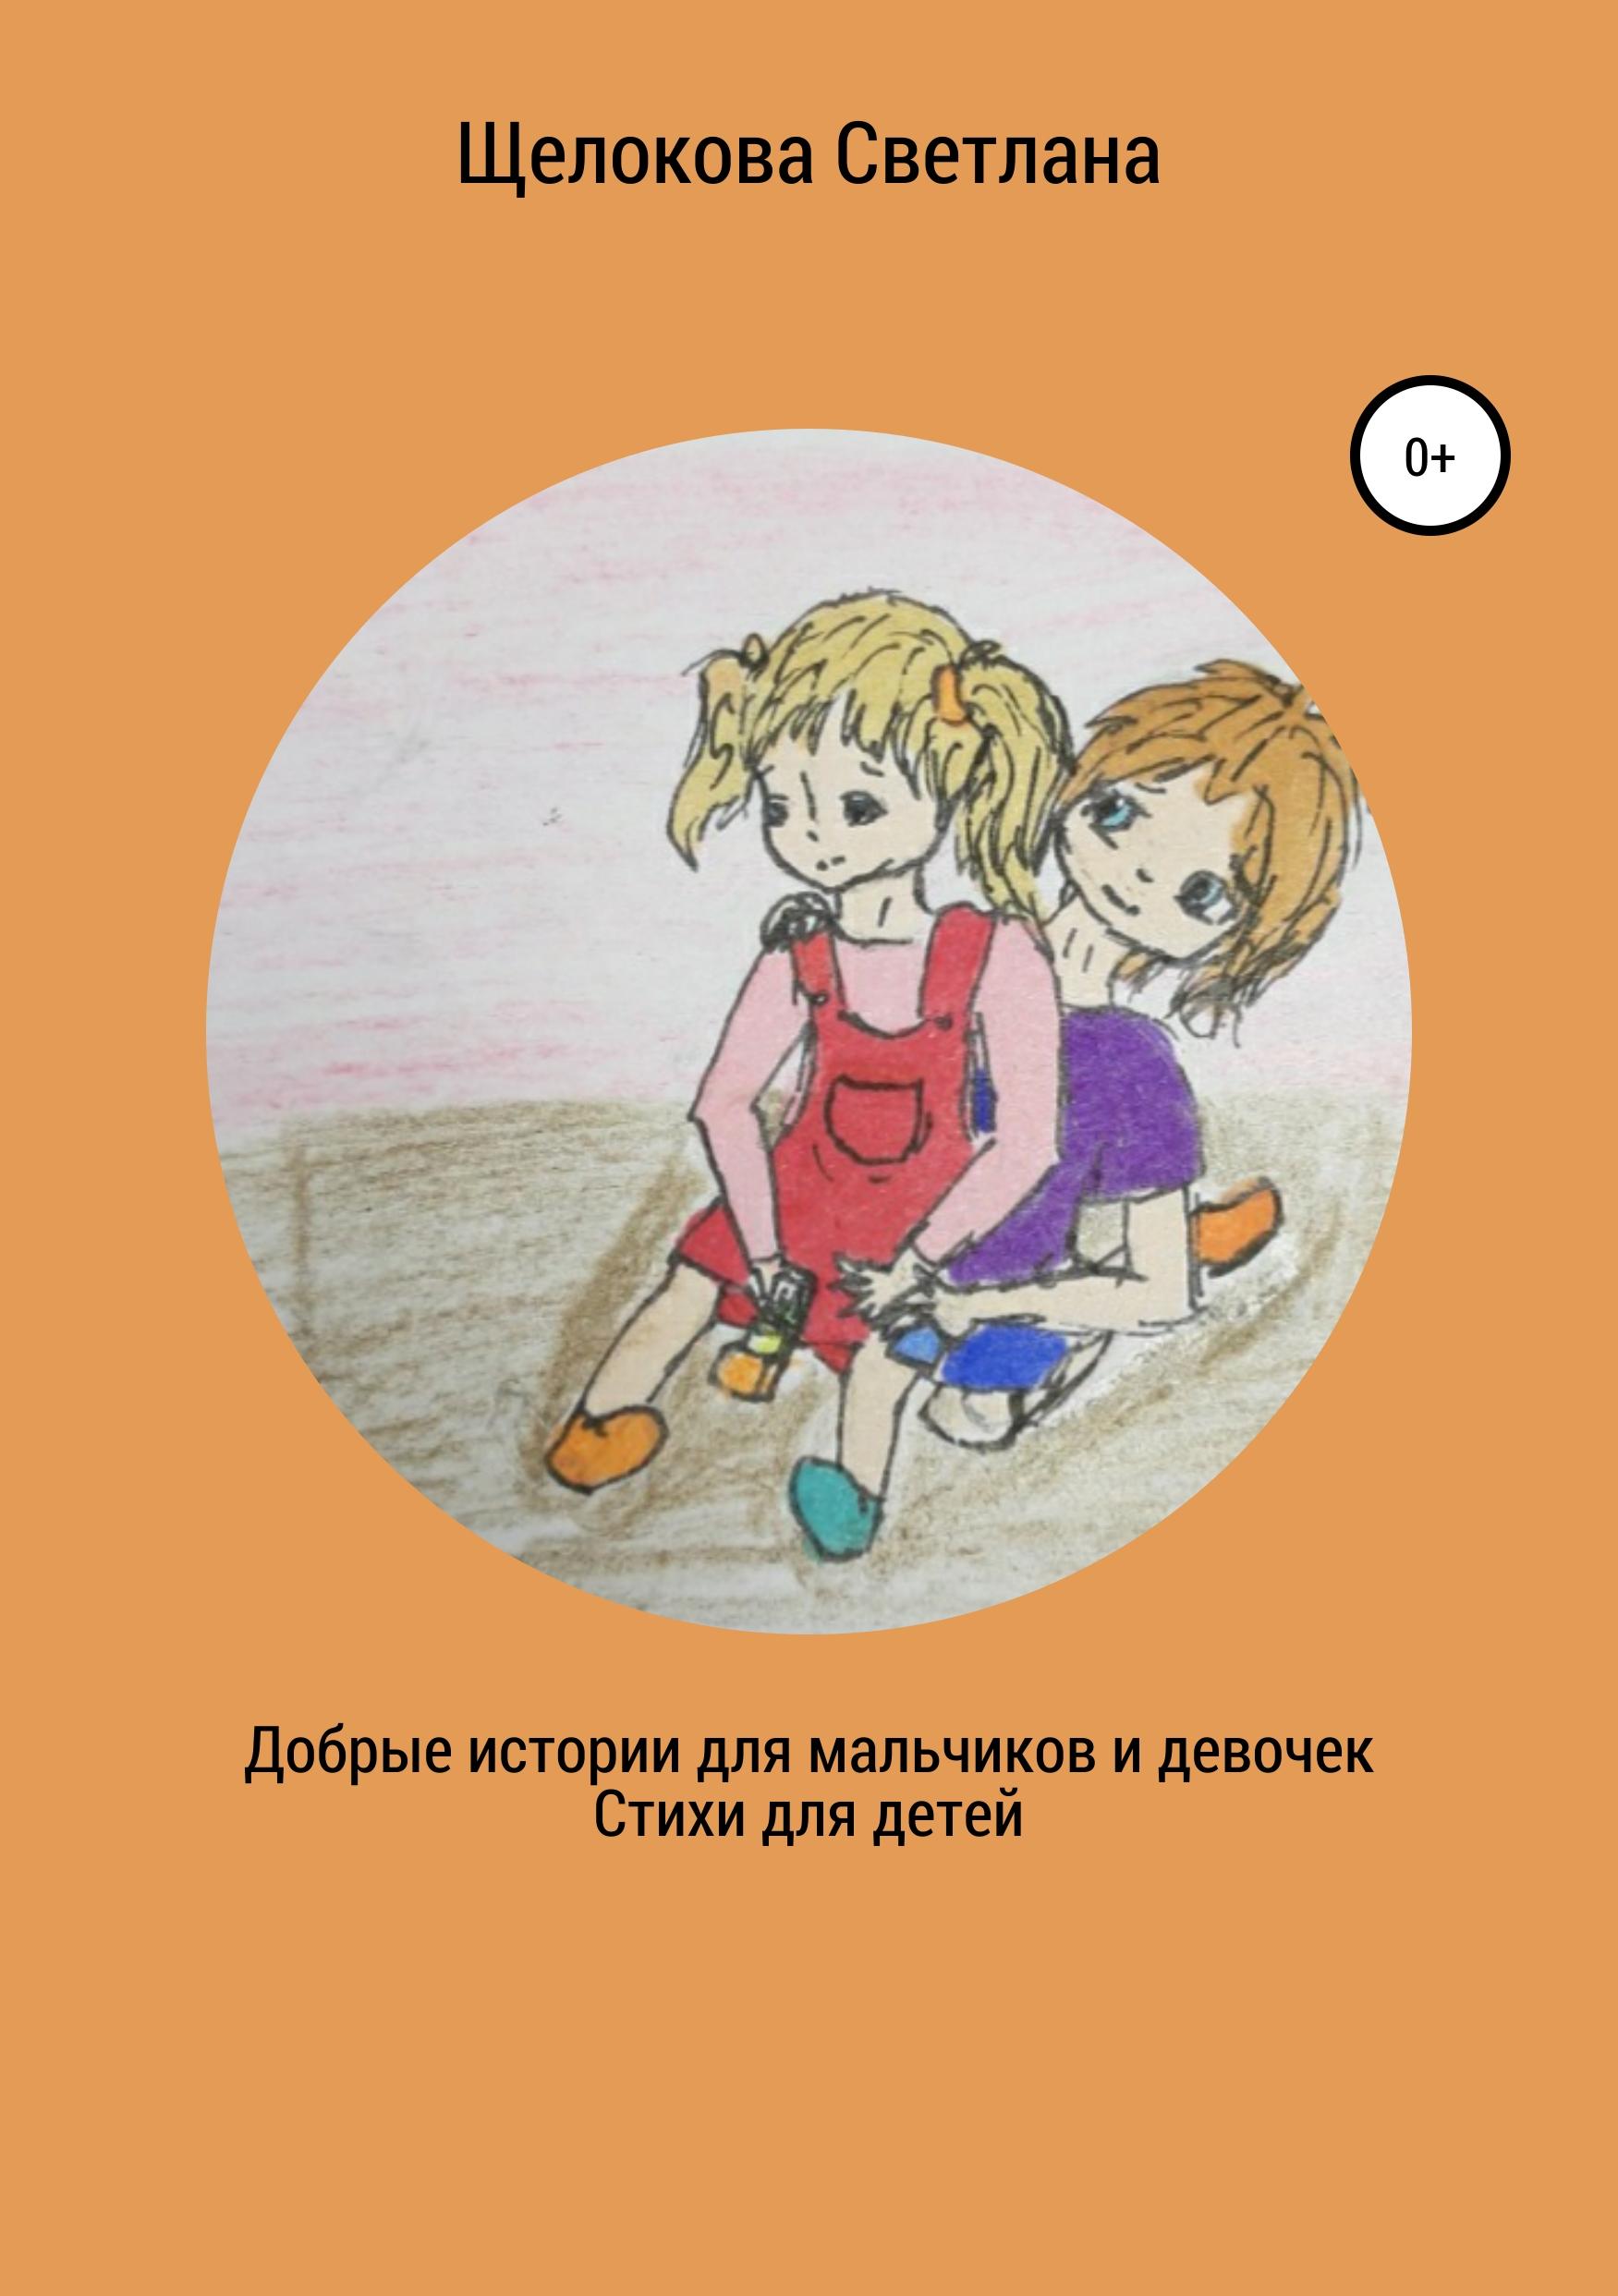 Добрые истории для мальчиков и девочек (стихи для детей)